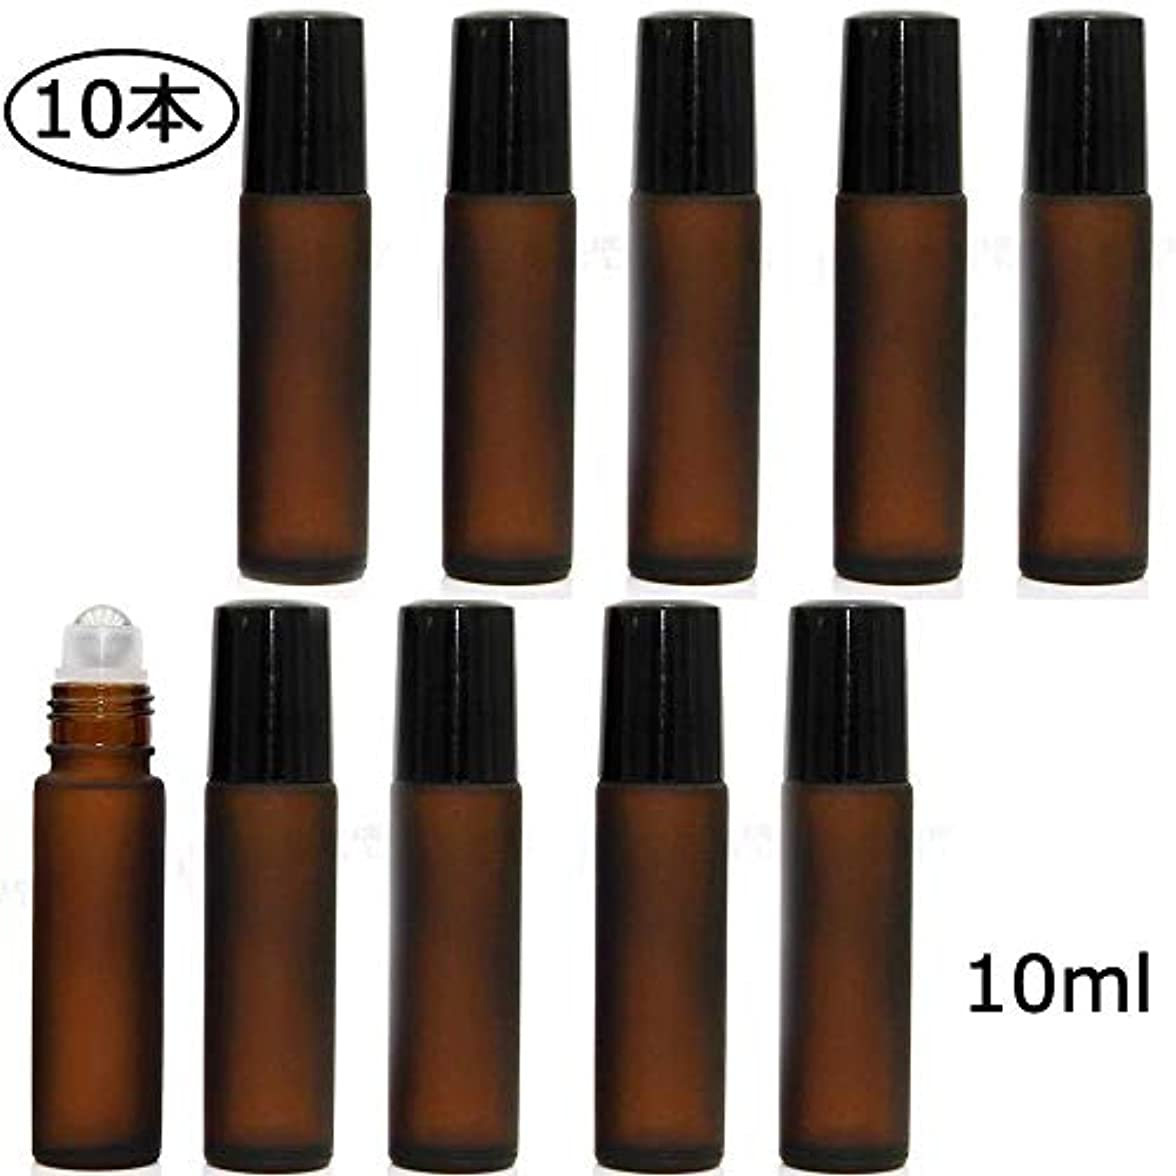 慎重性別敬の念gundoop ロールオンボトル アロマオイル 精油 小分け用 遮光瓶 10ml 10本セット ガラスロールタイプ (茶色)